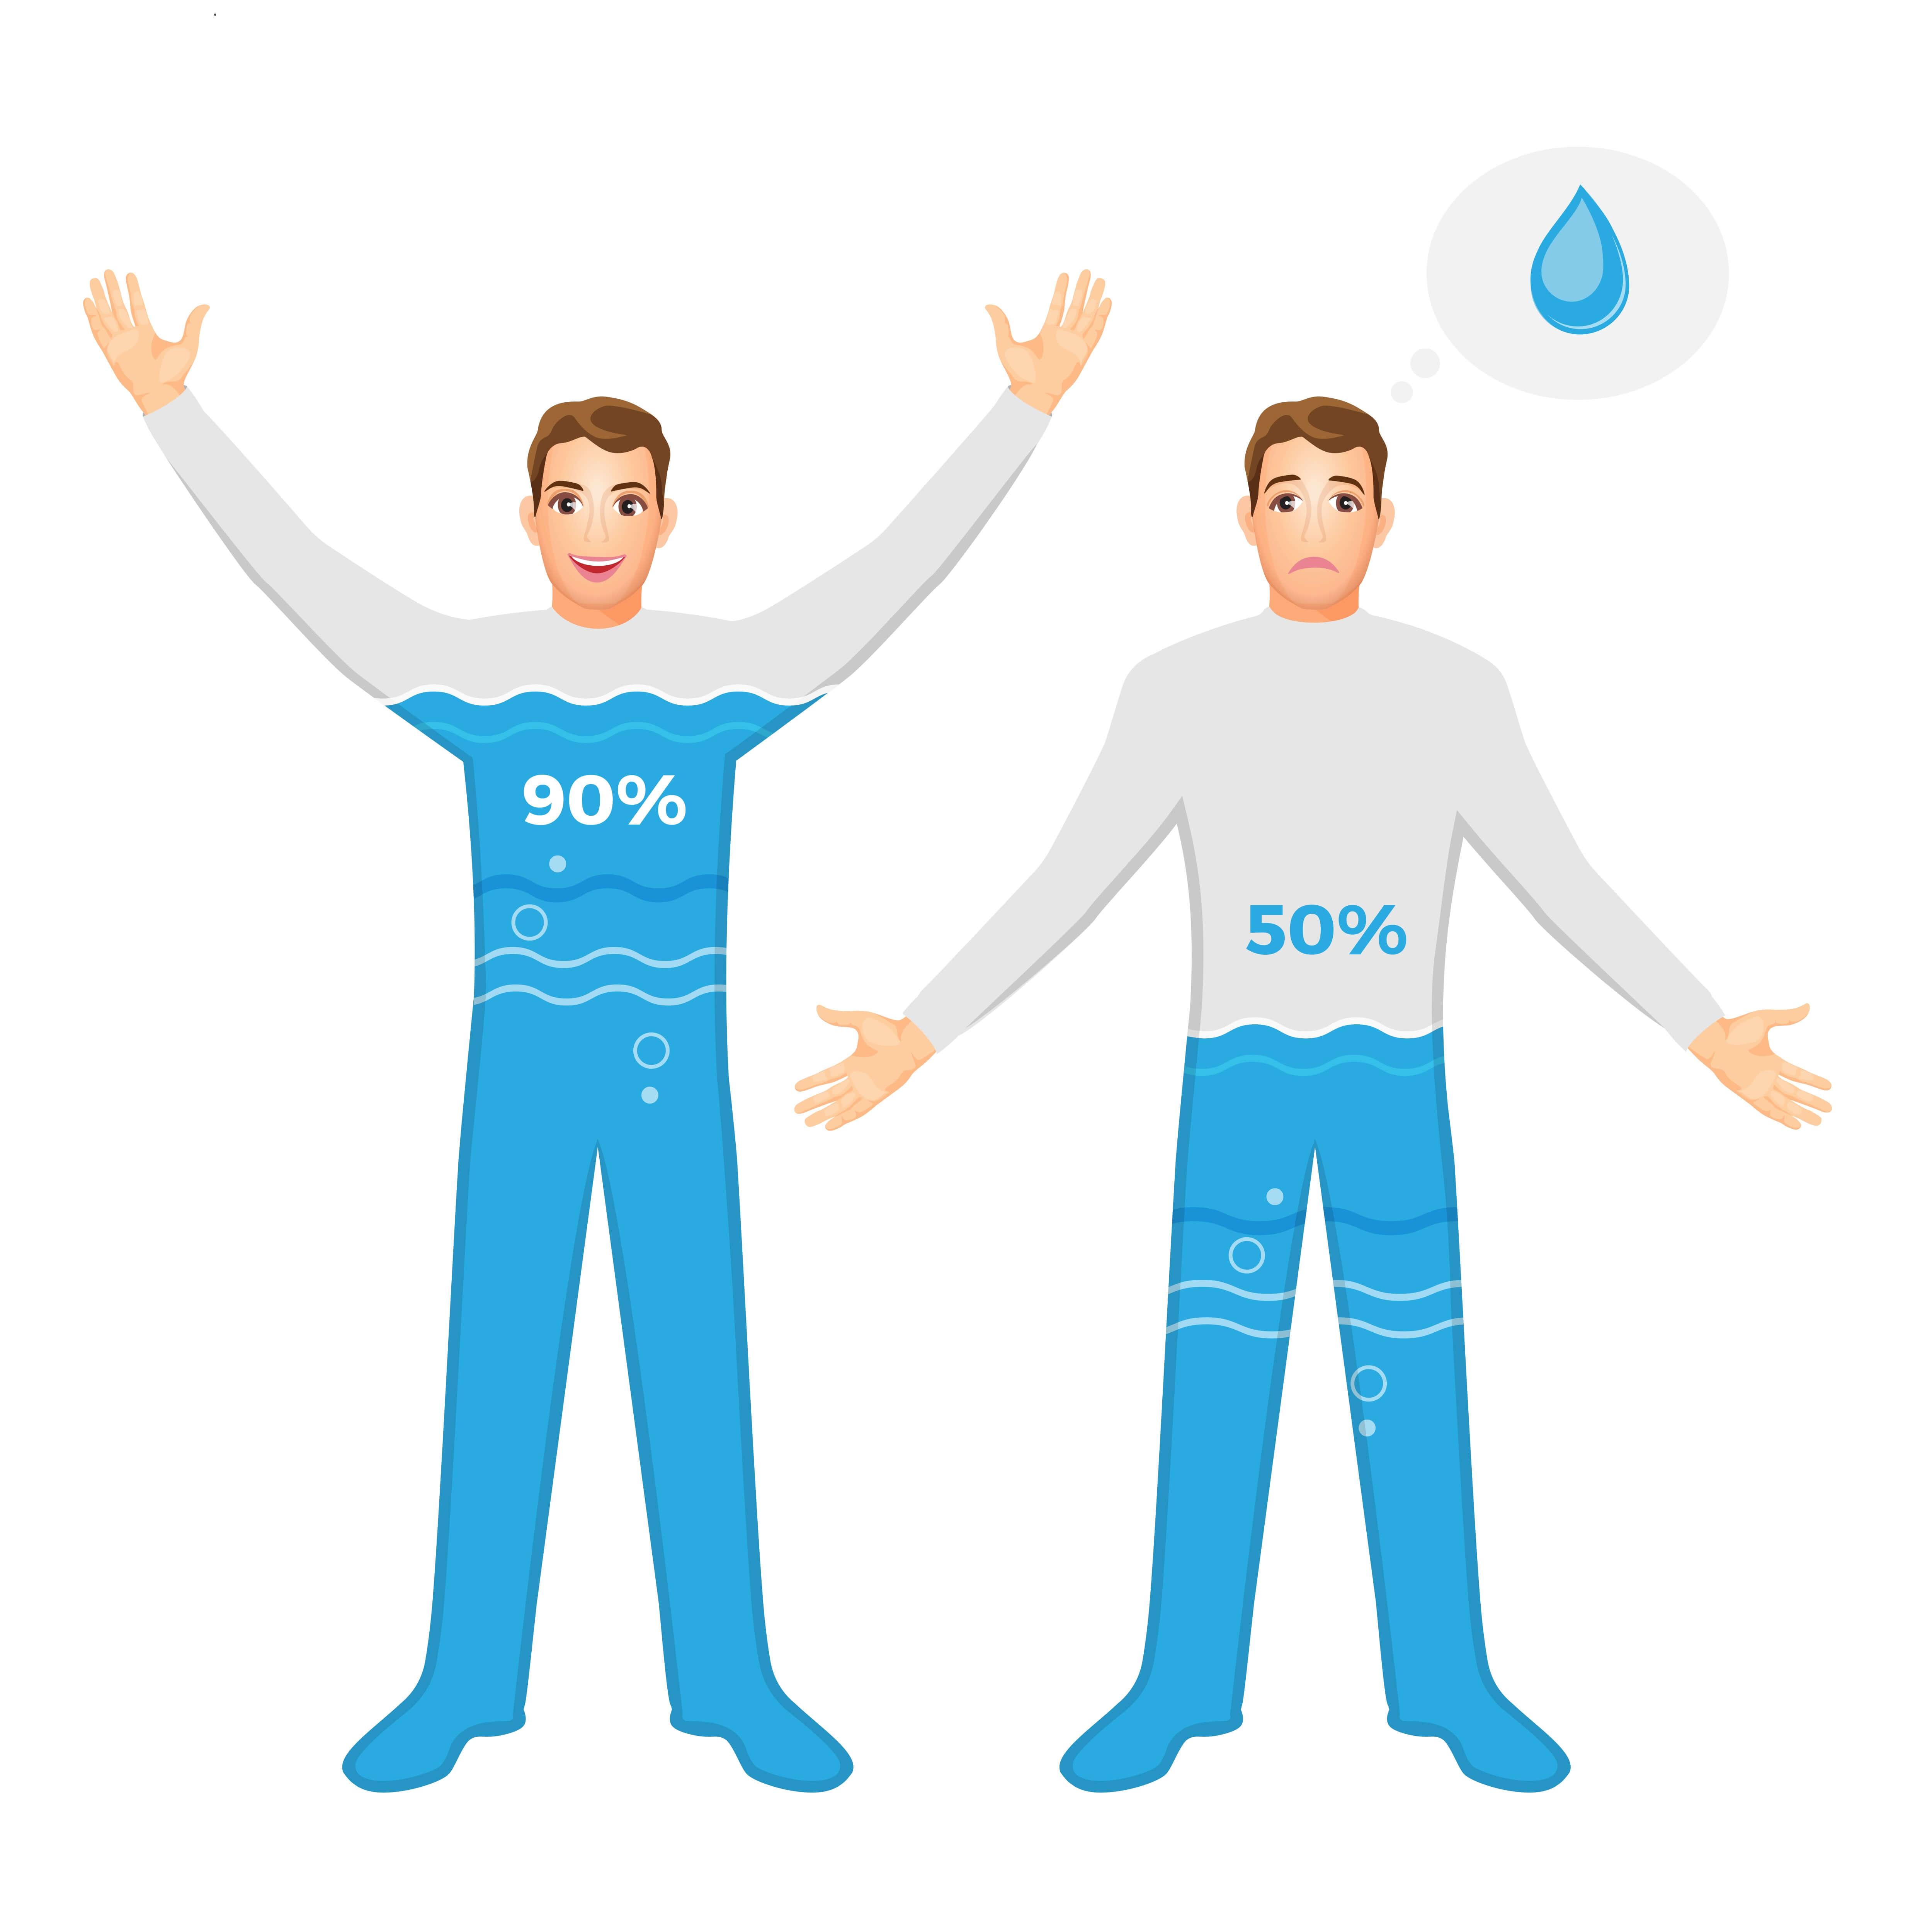 Hipertensión arterial e hidratación